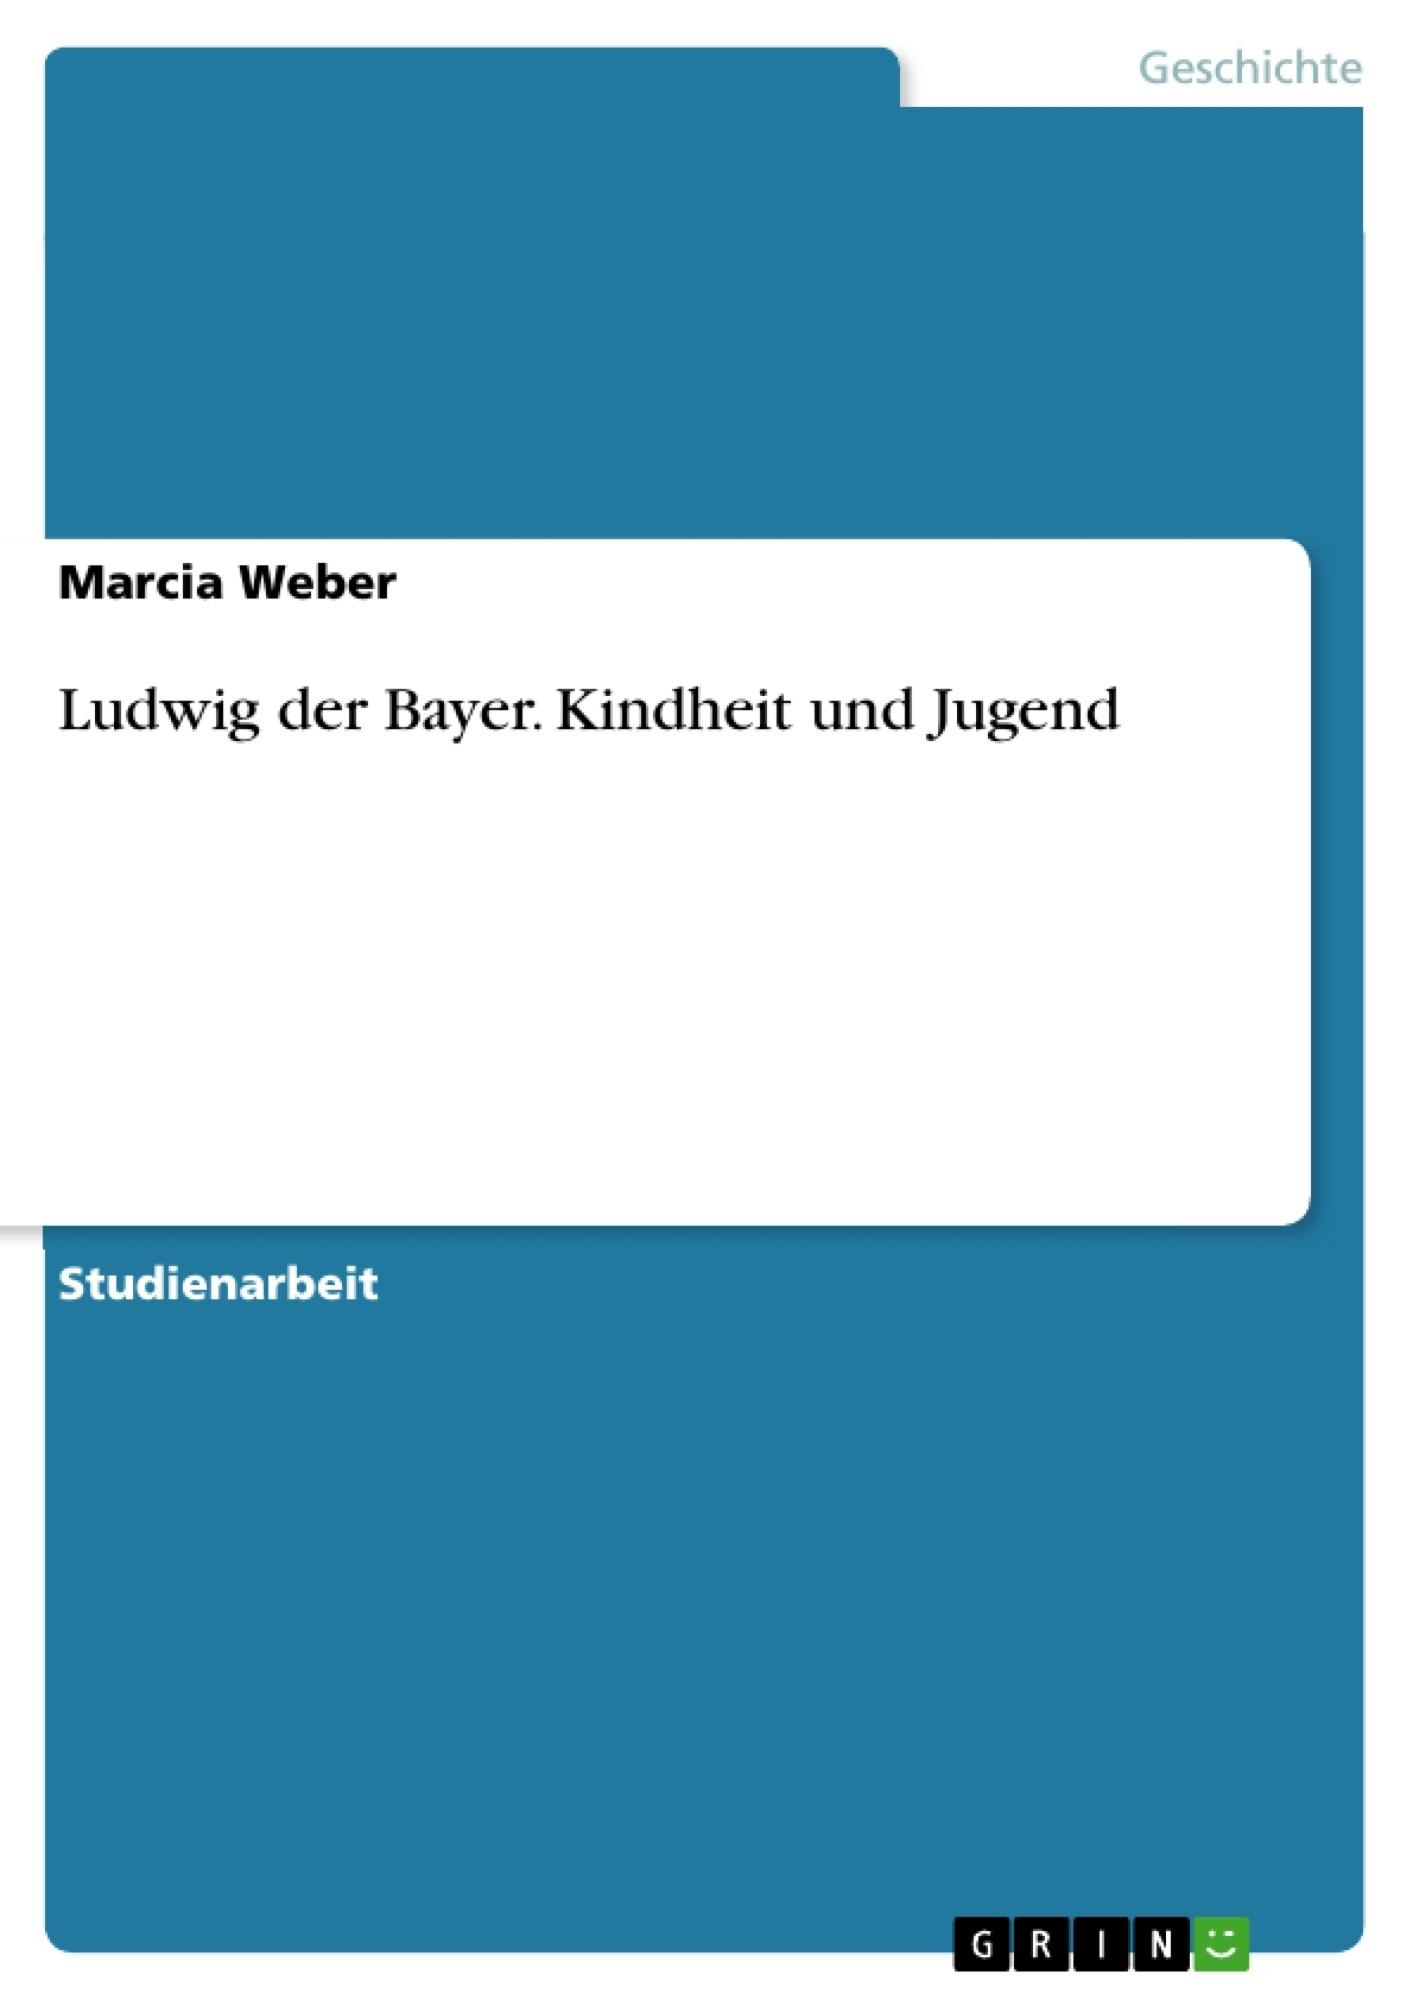 Titel: Ludwig der Bayer. Kindheit und Jugend